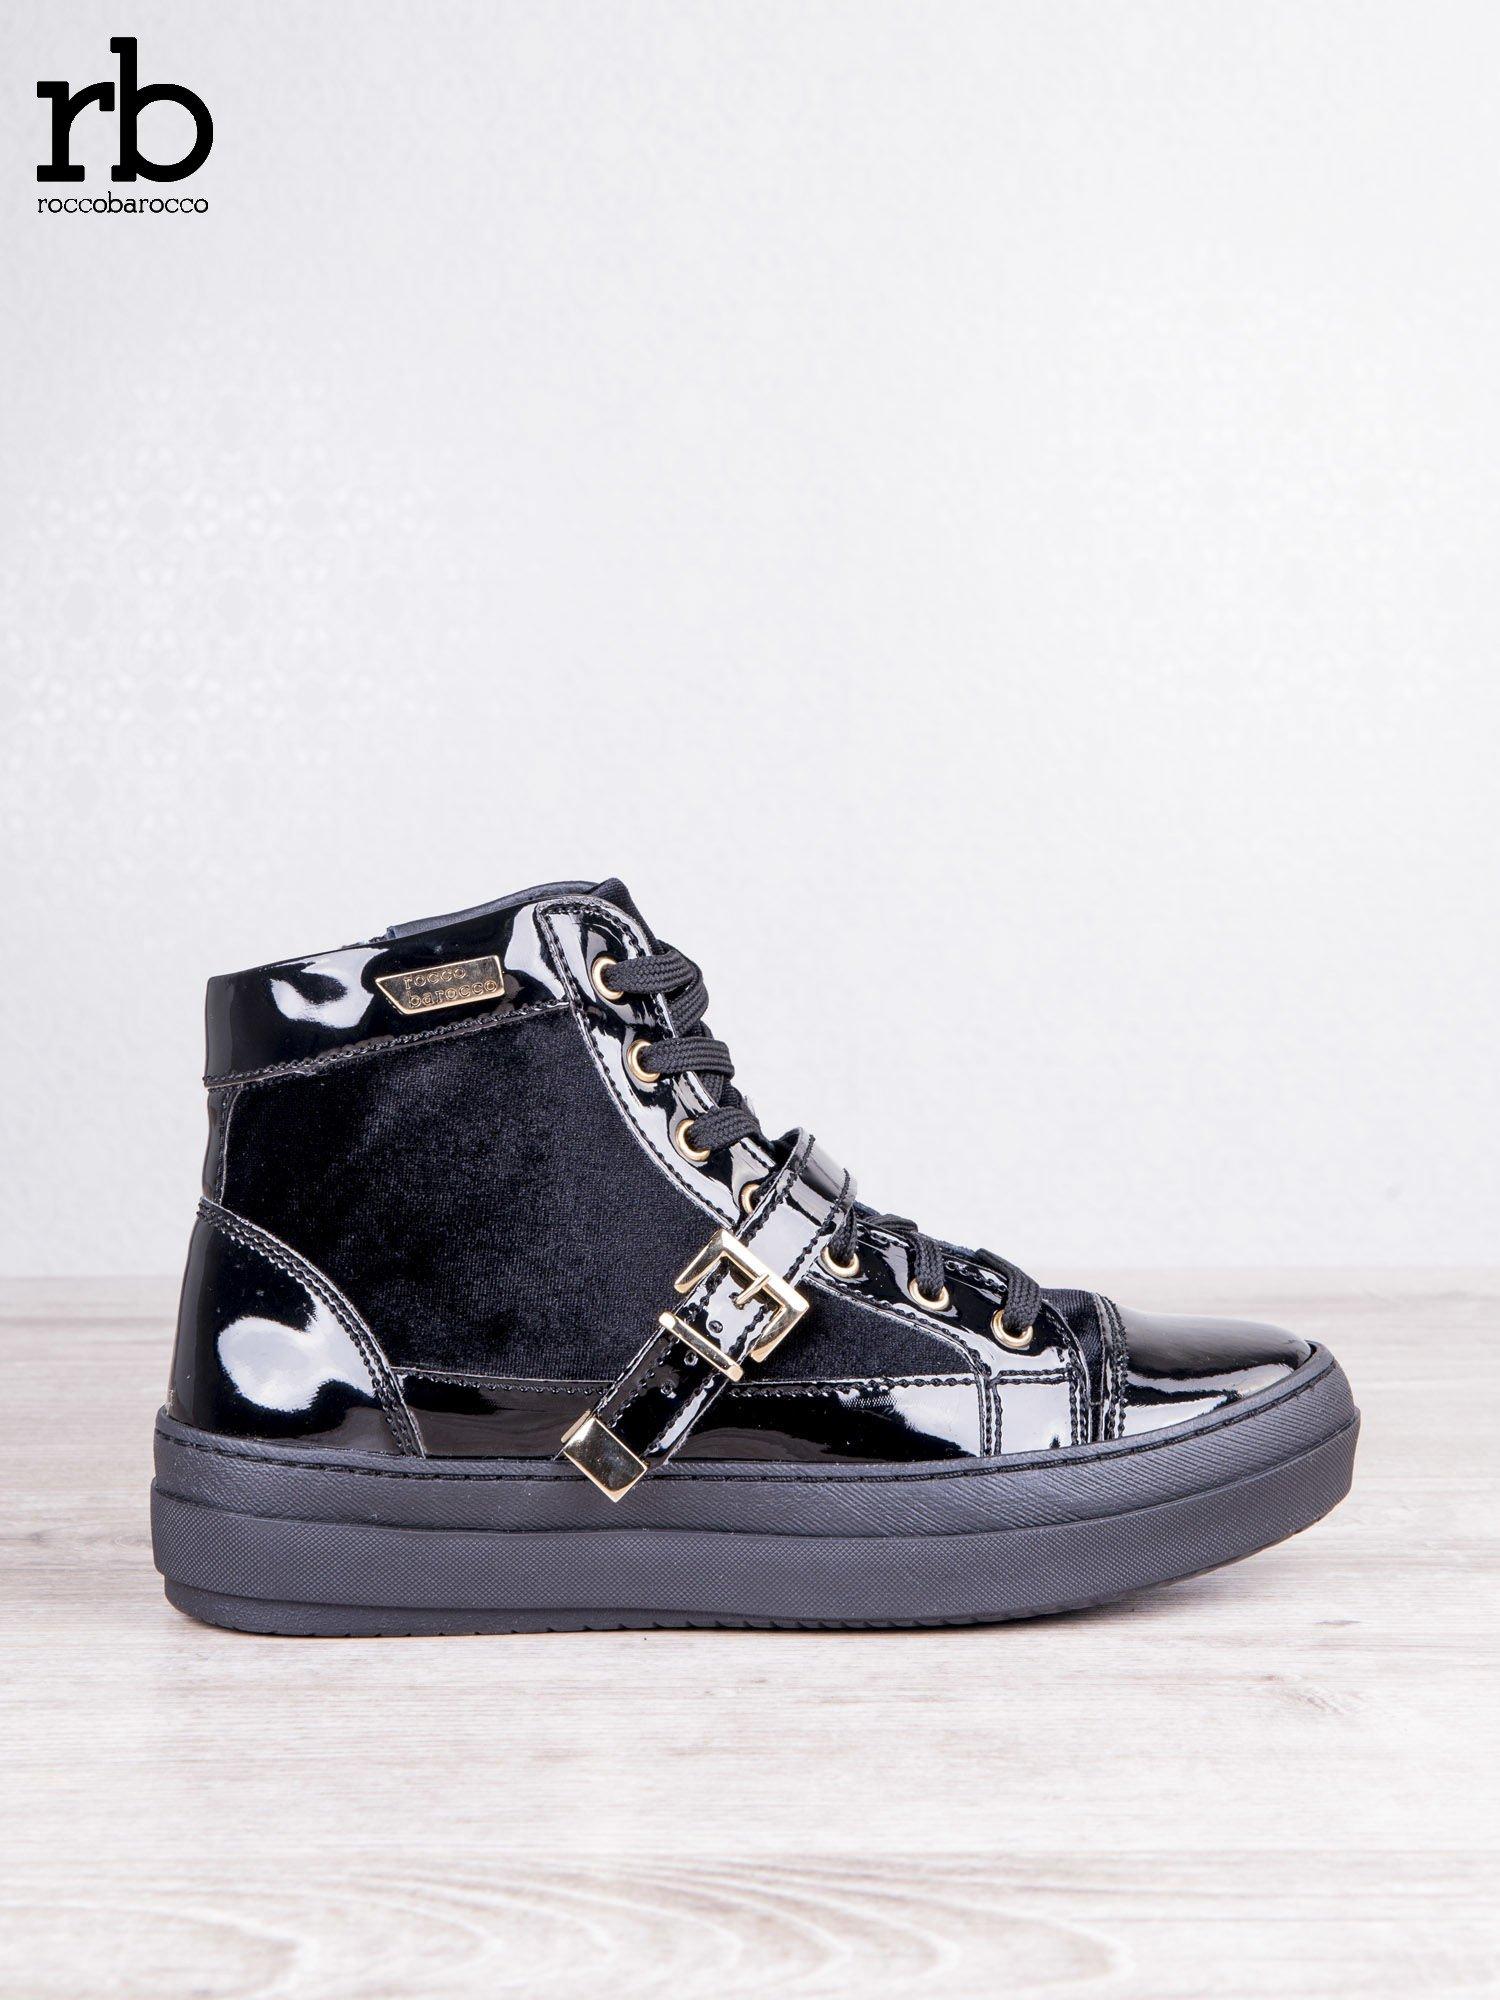 ROCCOBAROCCO czarne welurowe sneakersy na pasek ze złotymi sprzączkami i lakierowanymi wstawkami                                  zdj.                                  1